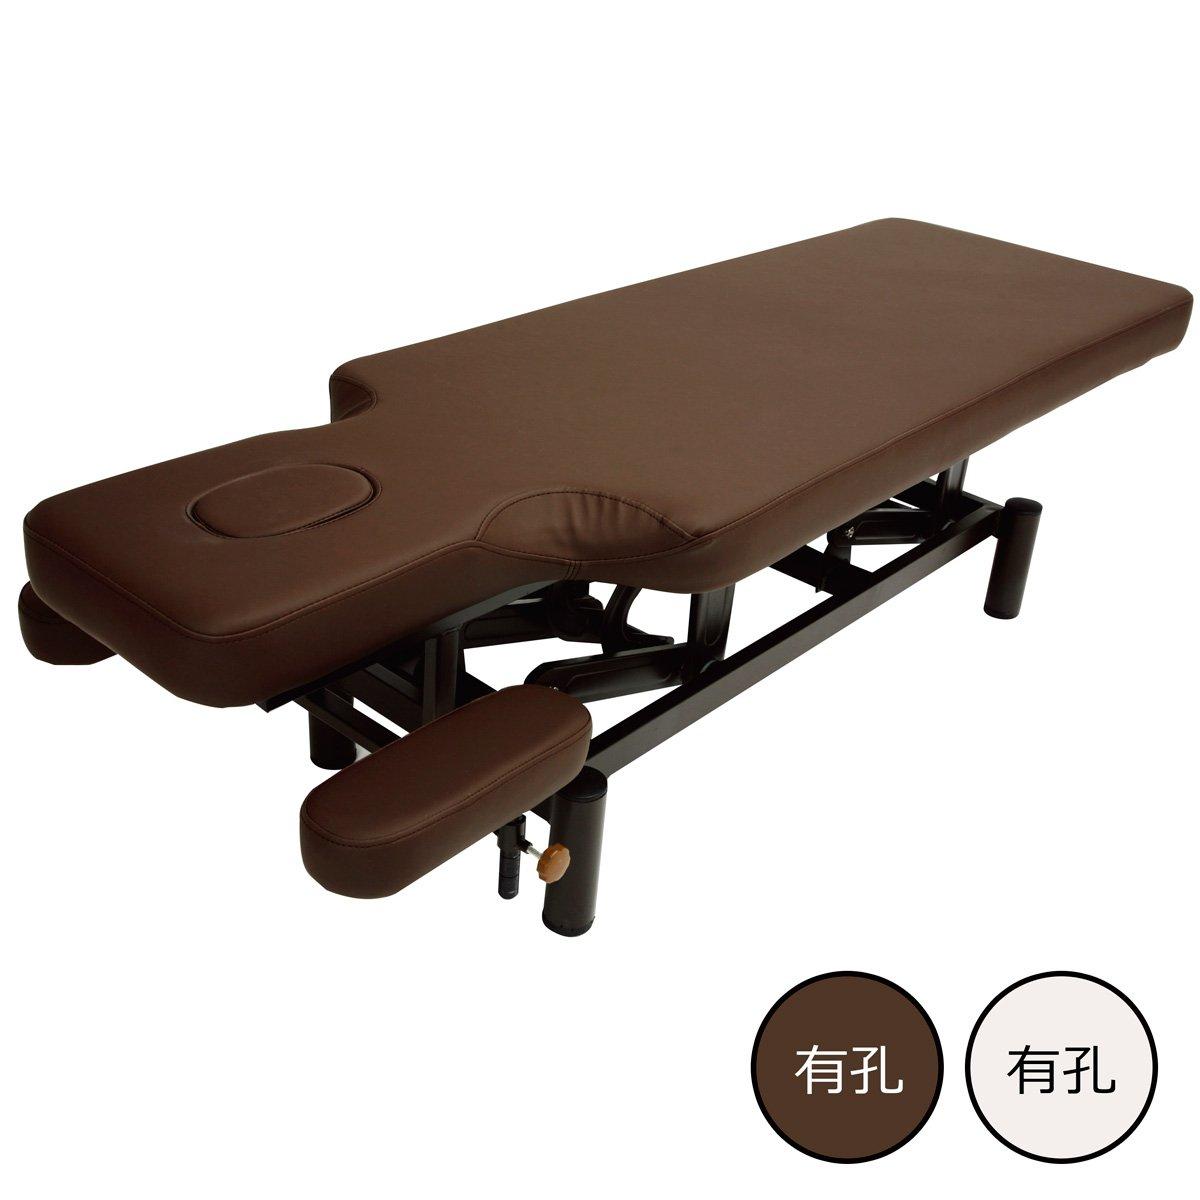 手動昇降 整体ベッド ( 有孔 ) ブラウン 長さ185×幅60×高さ51~80cm [ マッサージベッド 昇降ベッド 介護ベッド 施術ベッド 整体ベッド エステベッド マッサージ台 施術台 マッサージ 整体 ベッド ] B018I5EKVS ブラウン